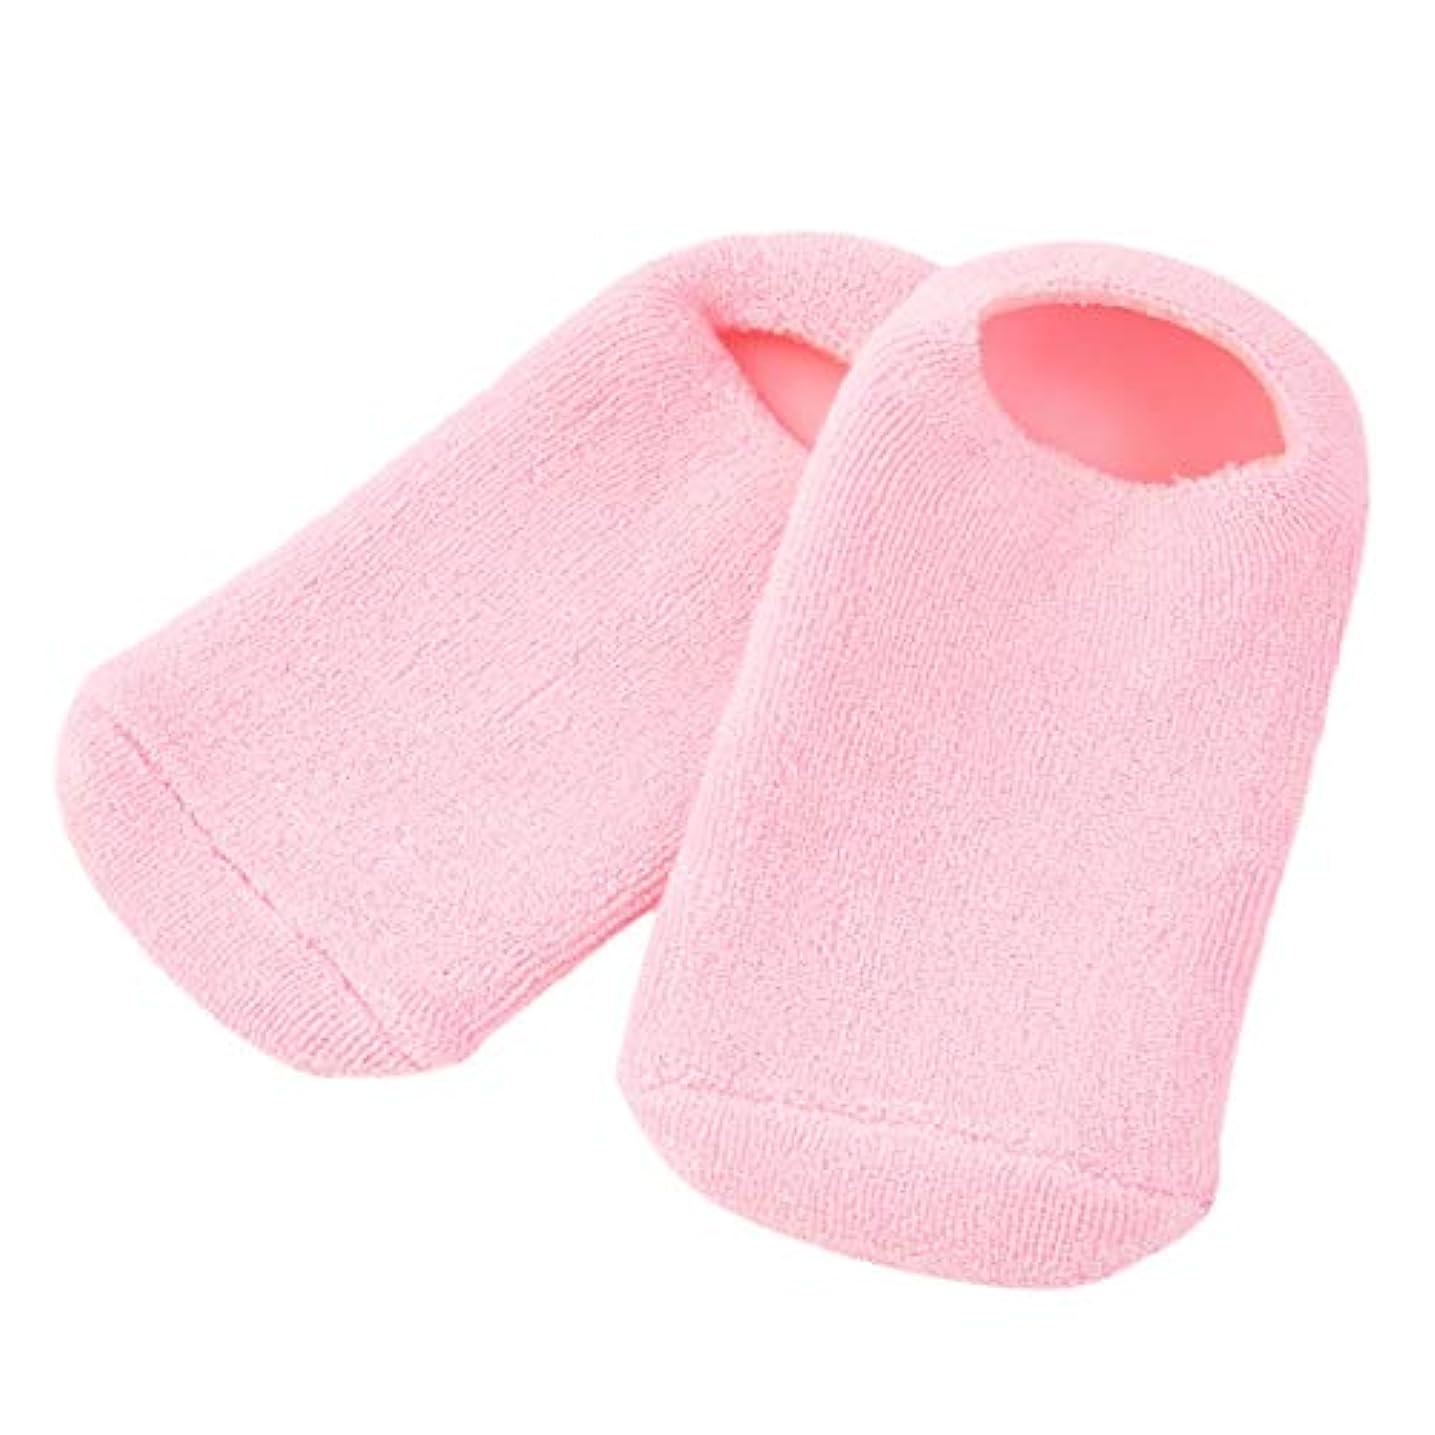 抵抗高度な混乱した1ペアコットンとシリコンジェルモイスチャライズソフトニングリペアクラックドスキンジェルソックススキンフットケアツールトリートメントスパソックス(色:ピンク)